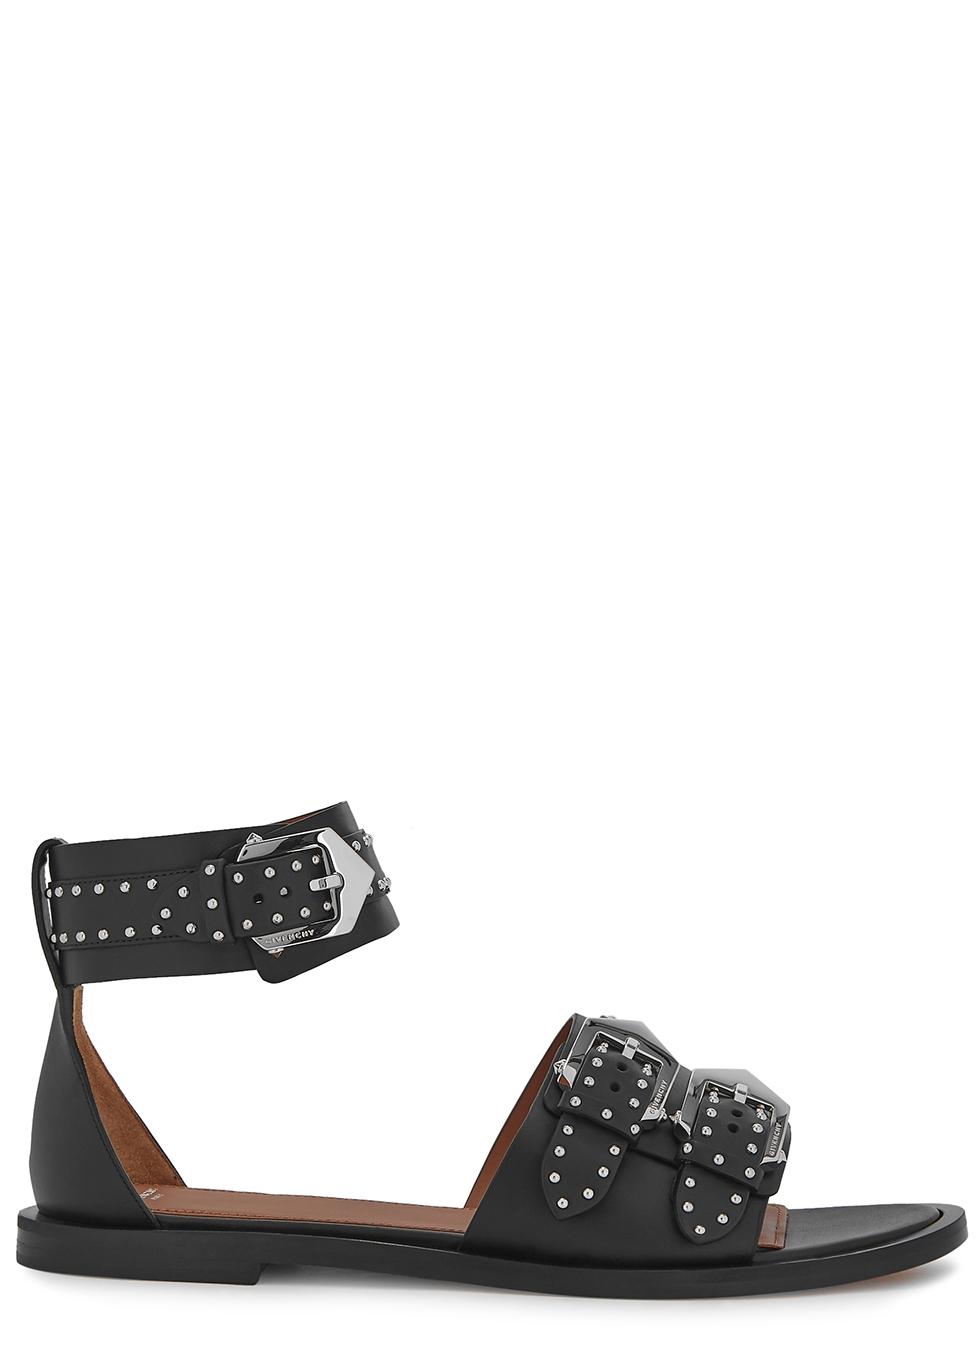 Elegant black studded leather sandals